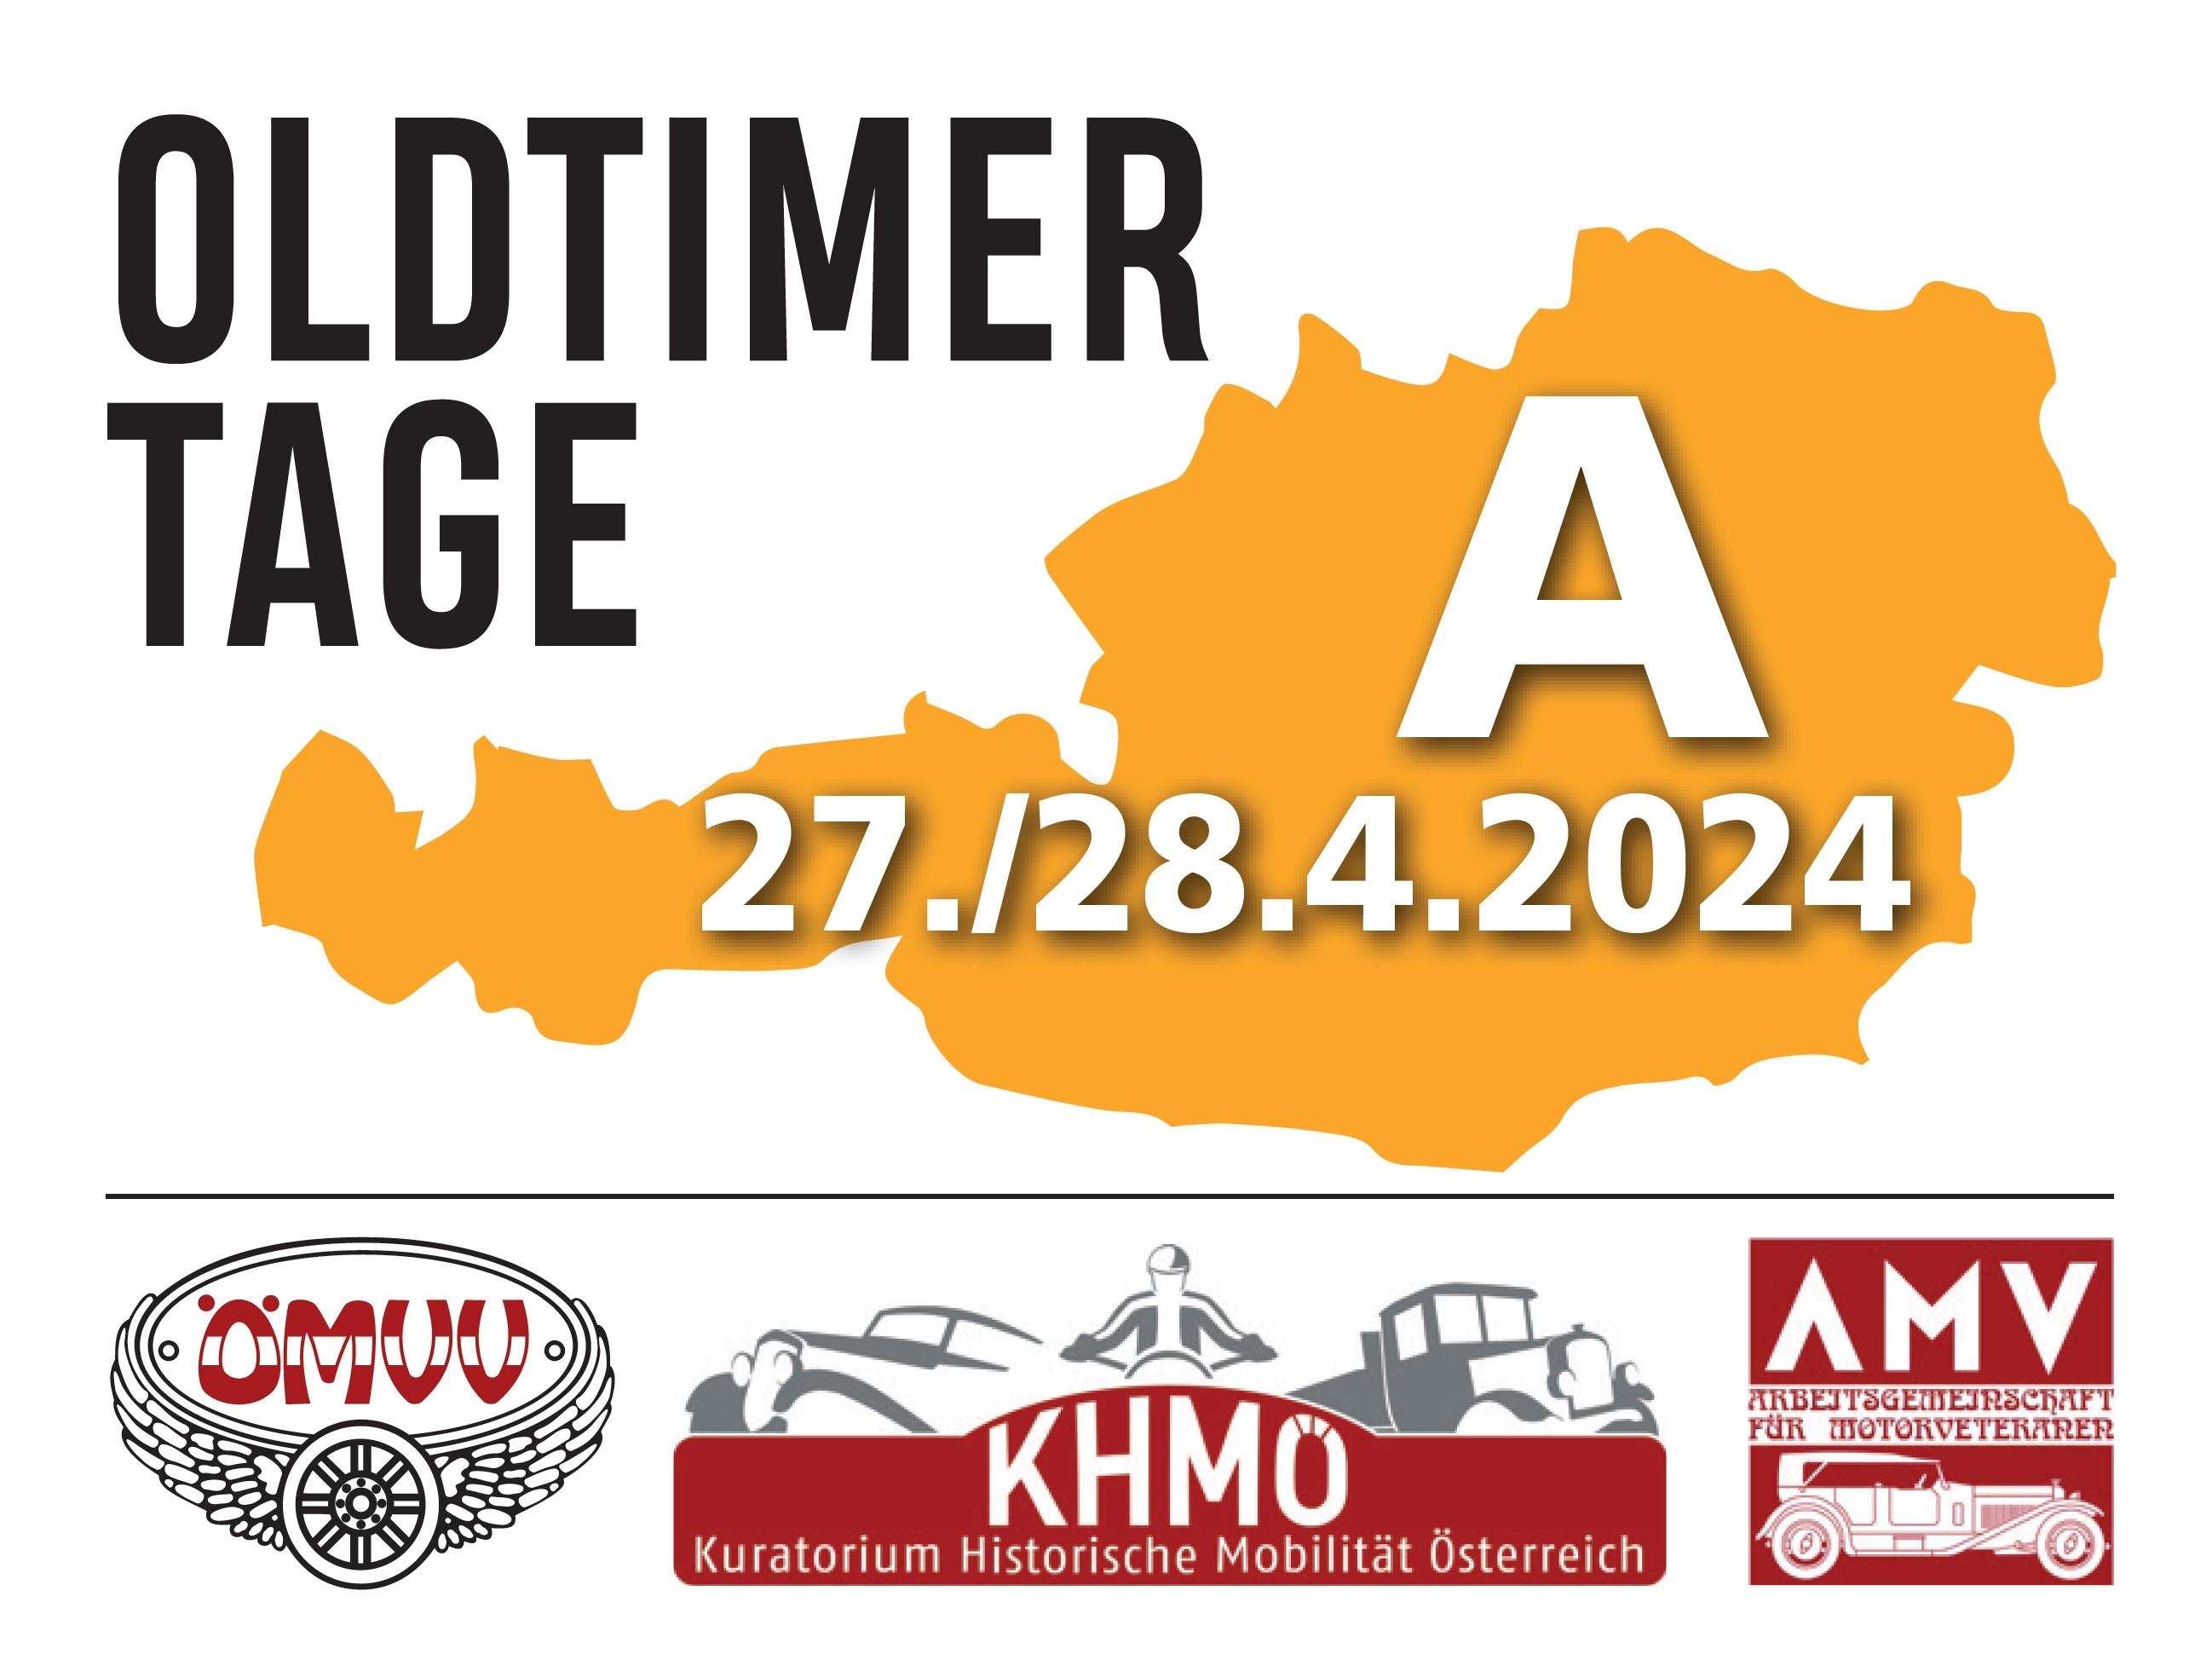 Oldtimertage Logo